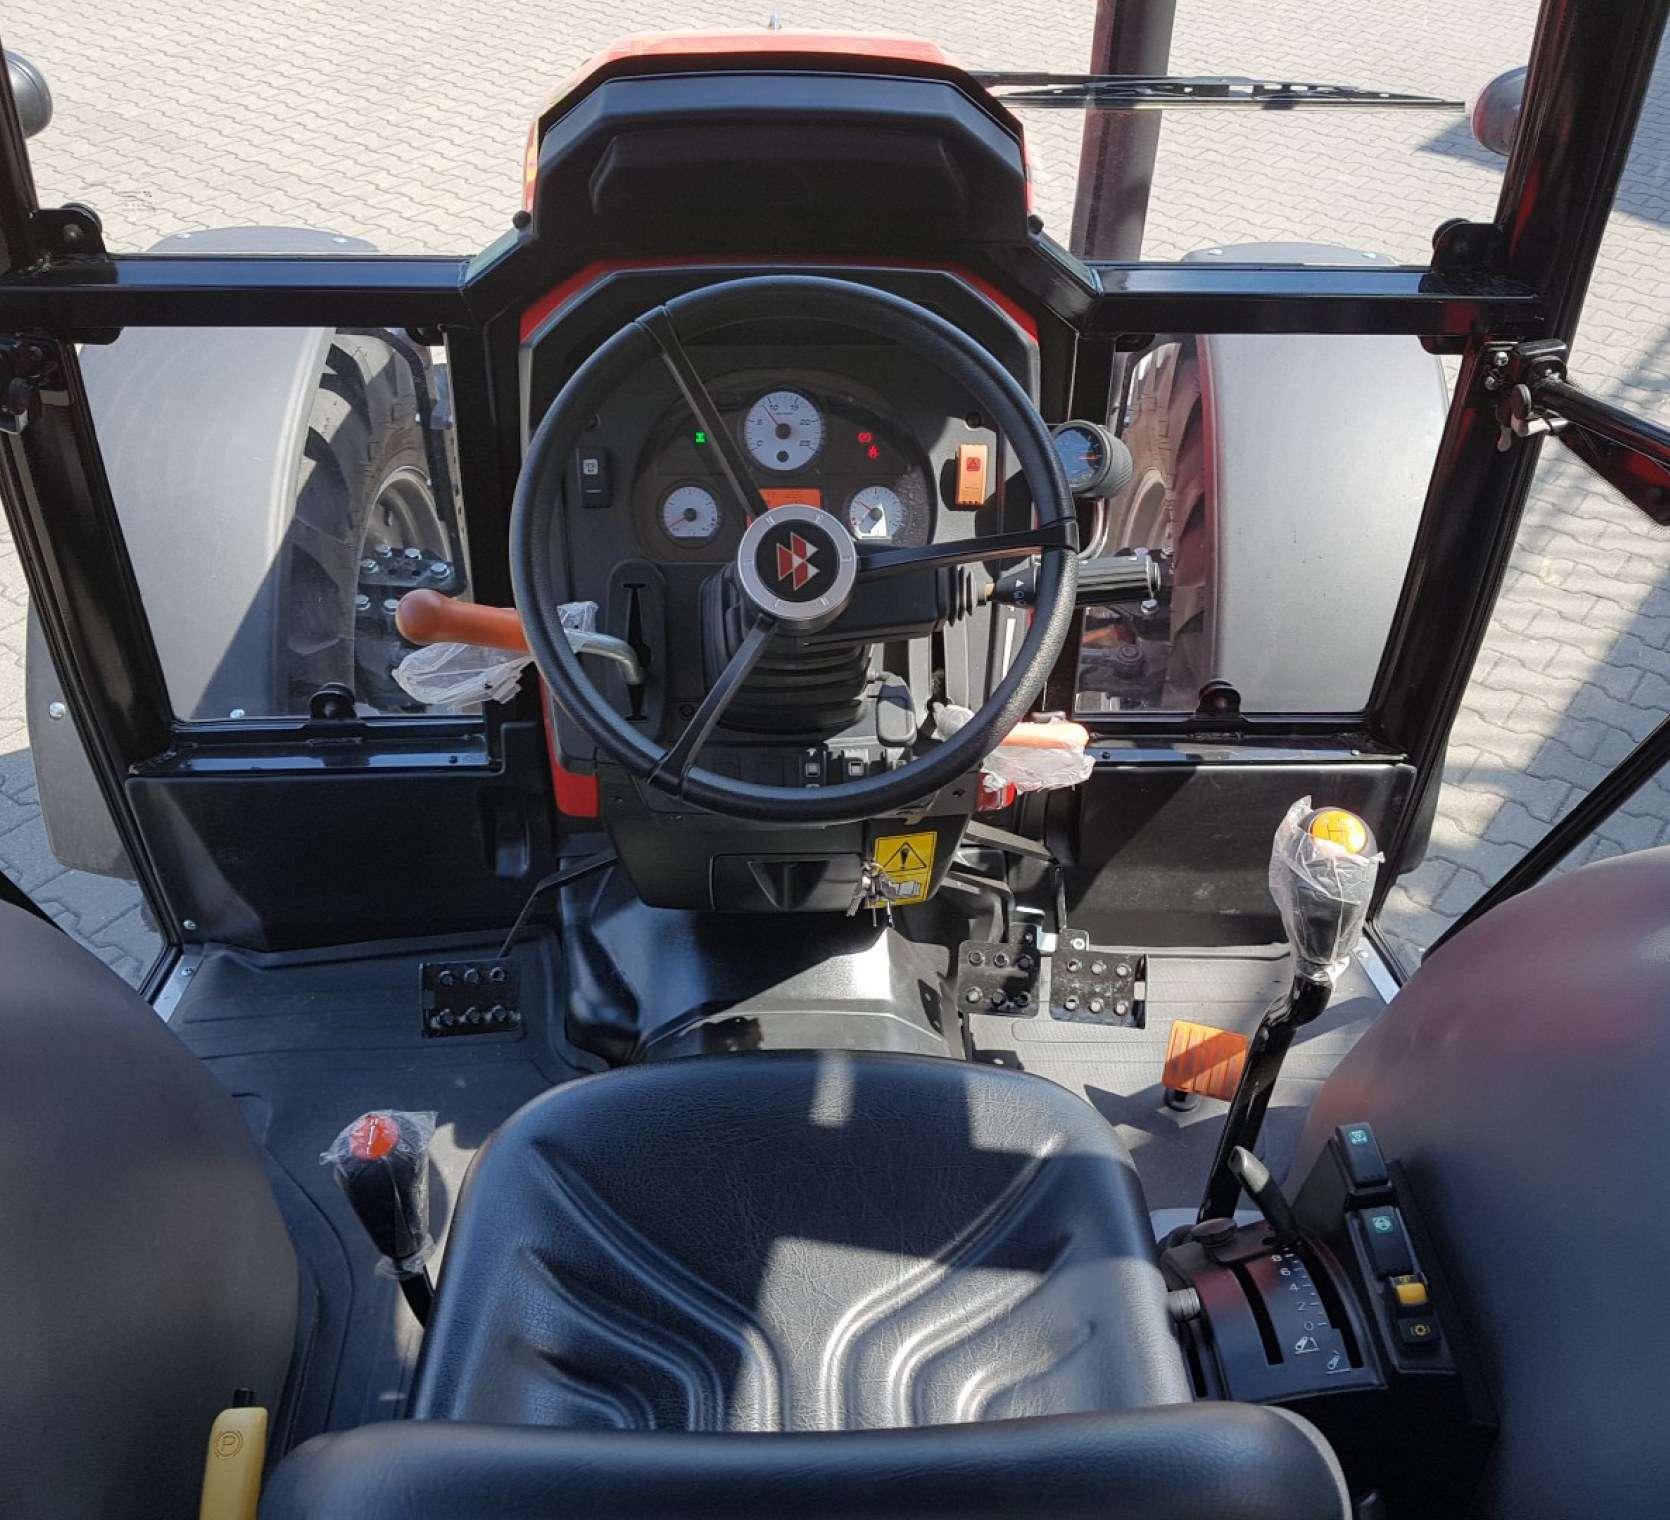 Komfortowa i nowoczesna kabina w ciągniku Massey Ferguson 4708 z ogrzewaniem i klimatyzacją okazja korbanek.pl